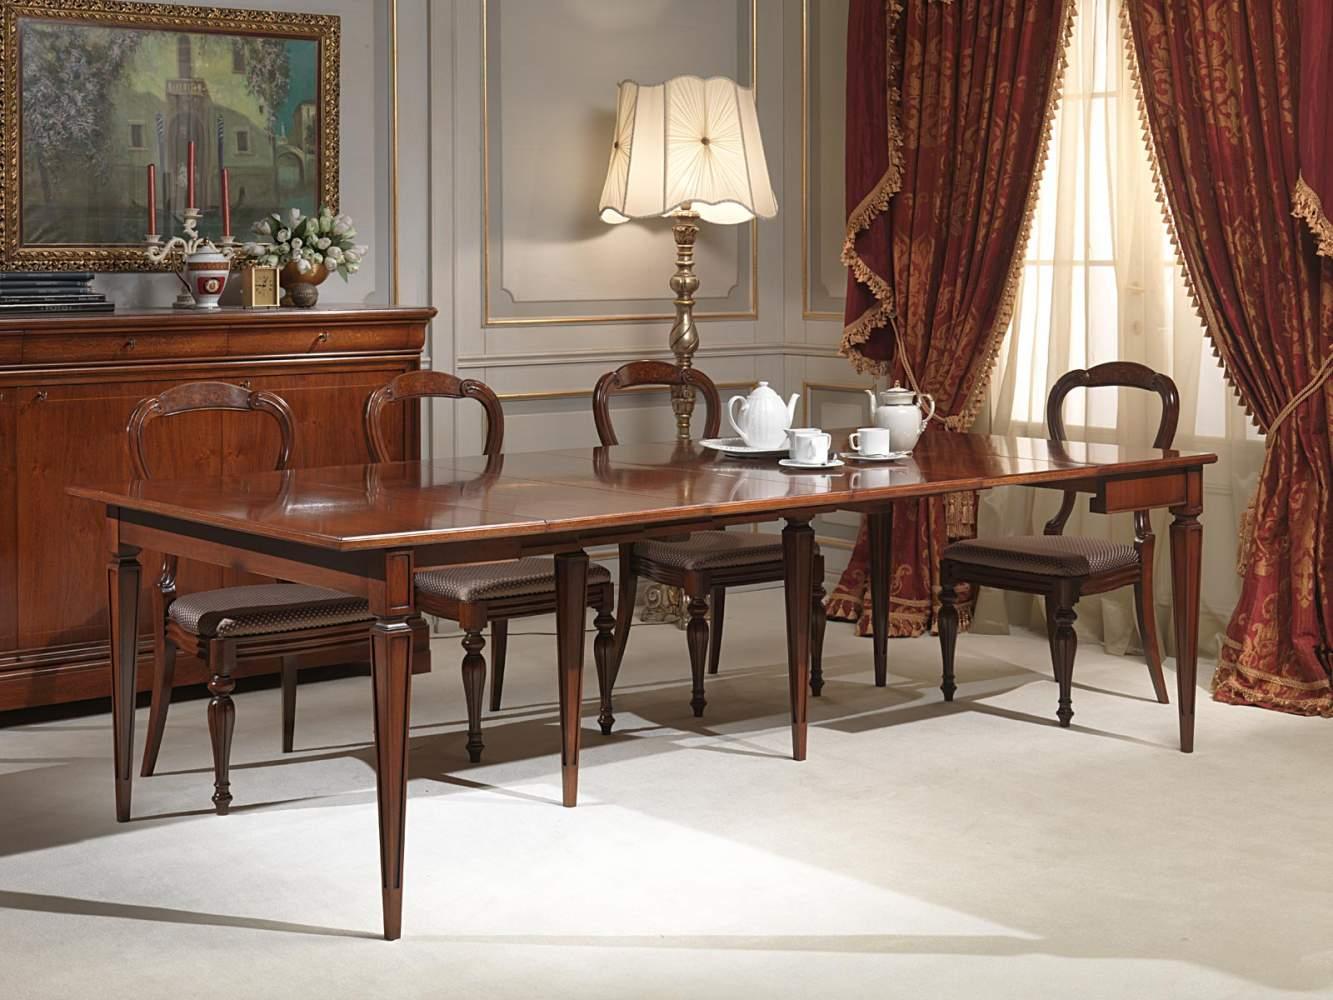 Tavolo consolle classico allungato